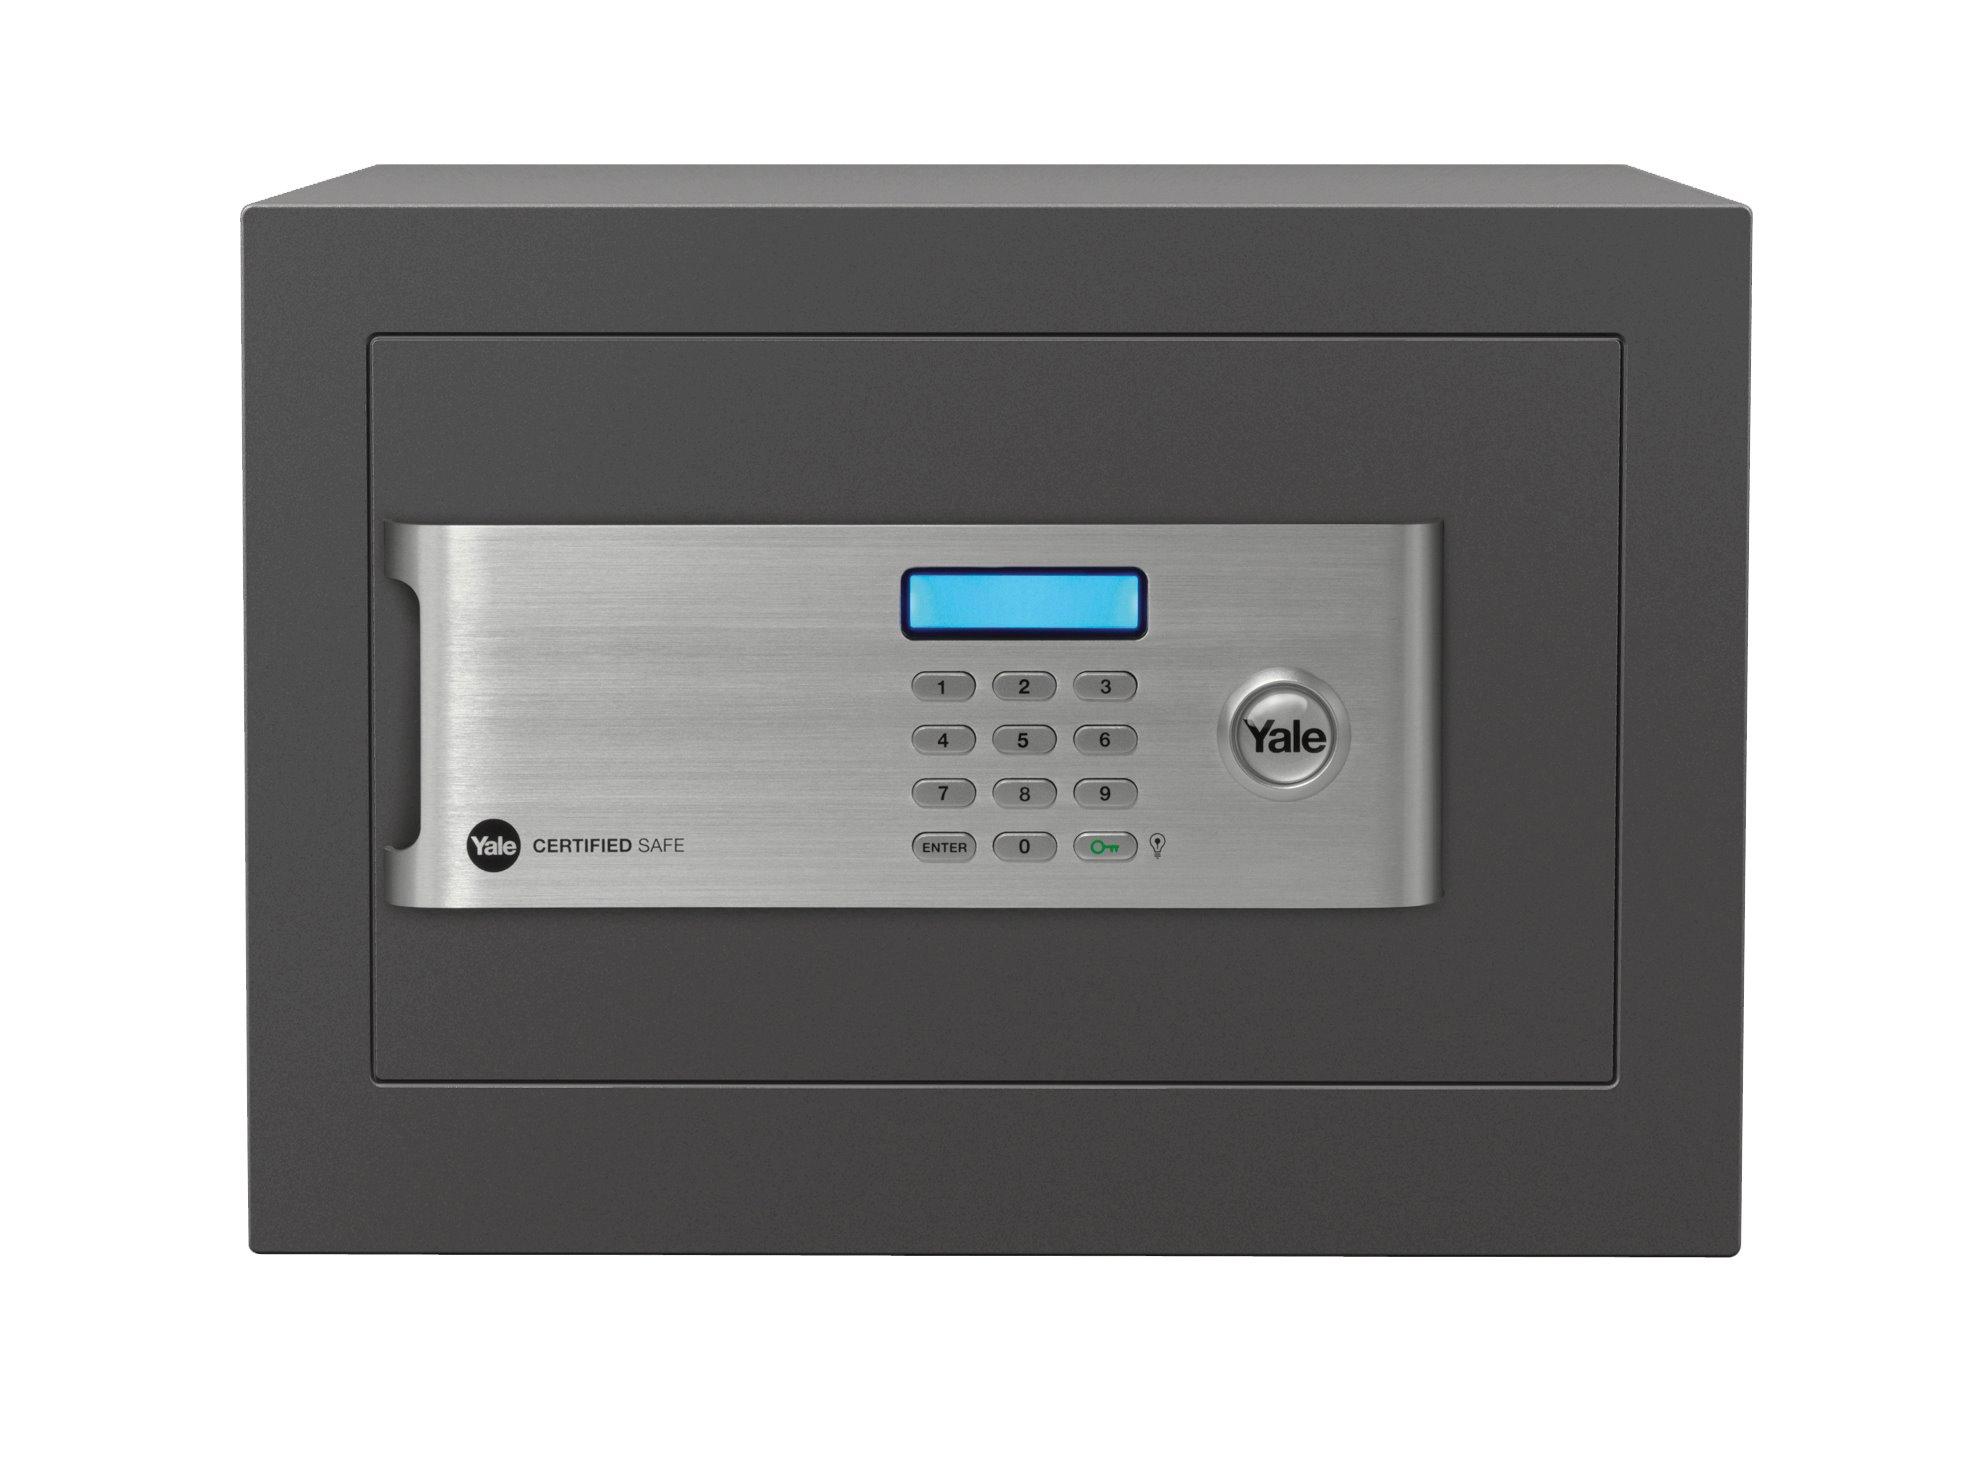 YSM/250/EG1- Home Safe